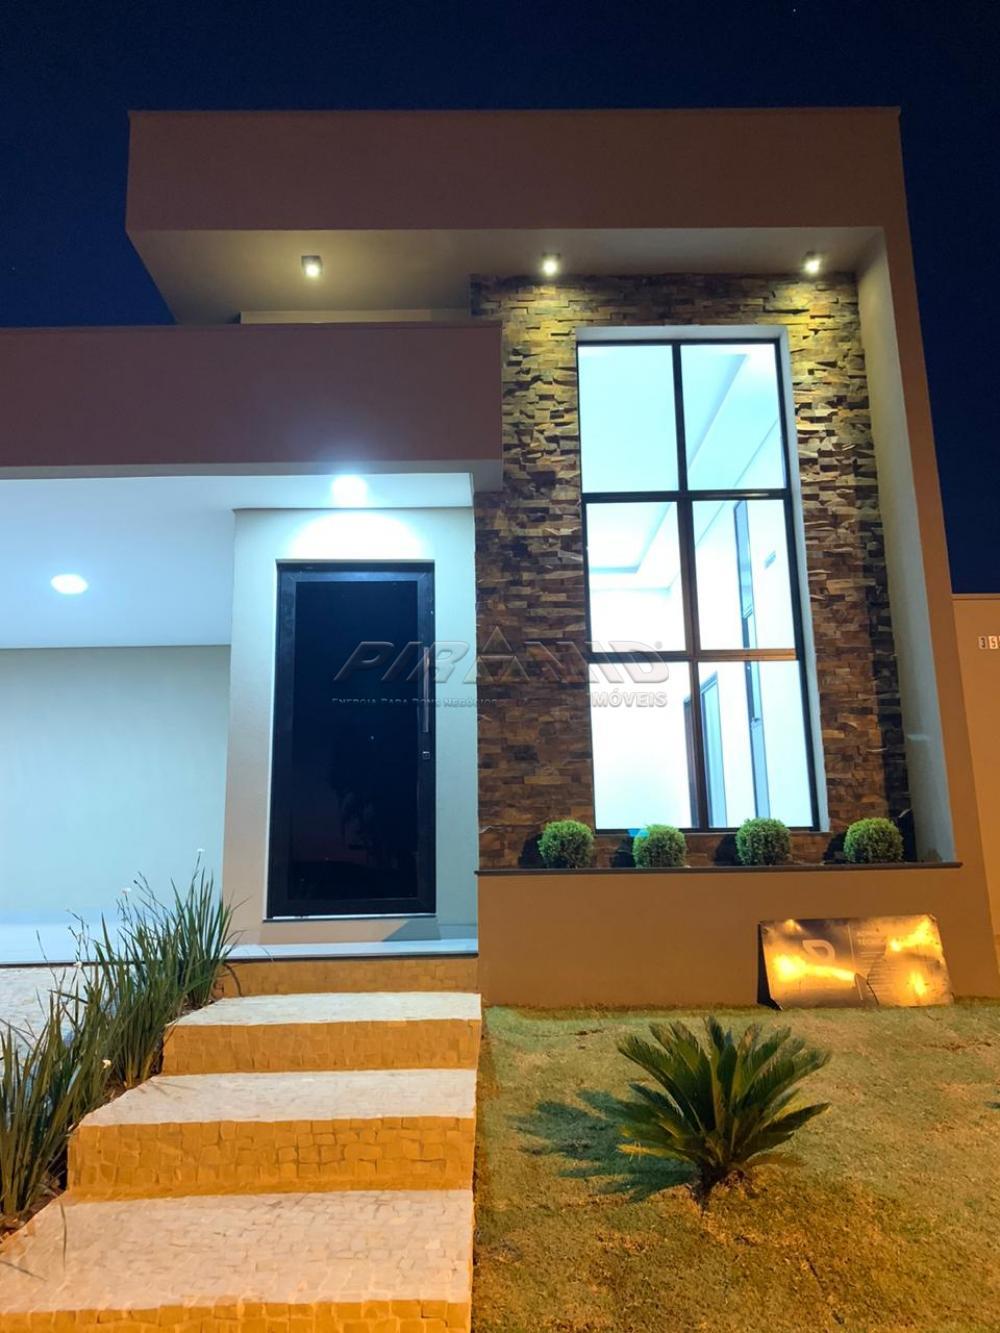 Comprar Casa / Condomínio em Ribeirão Preto apenas R$ 1.090.000,00 - Foto 2